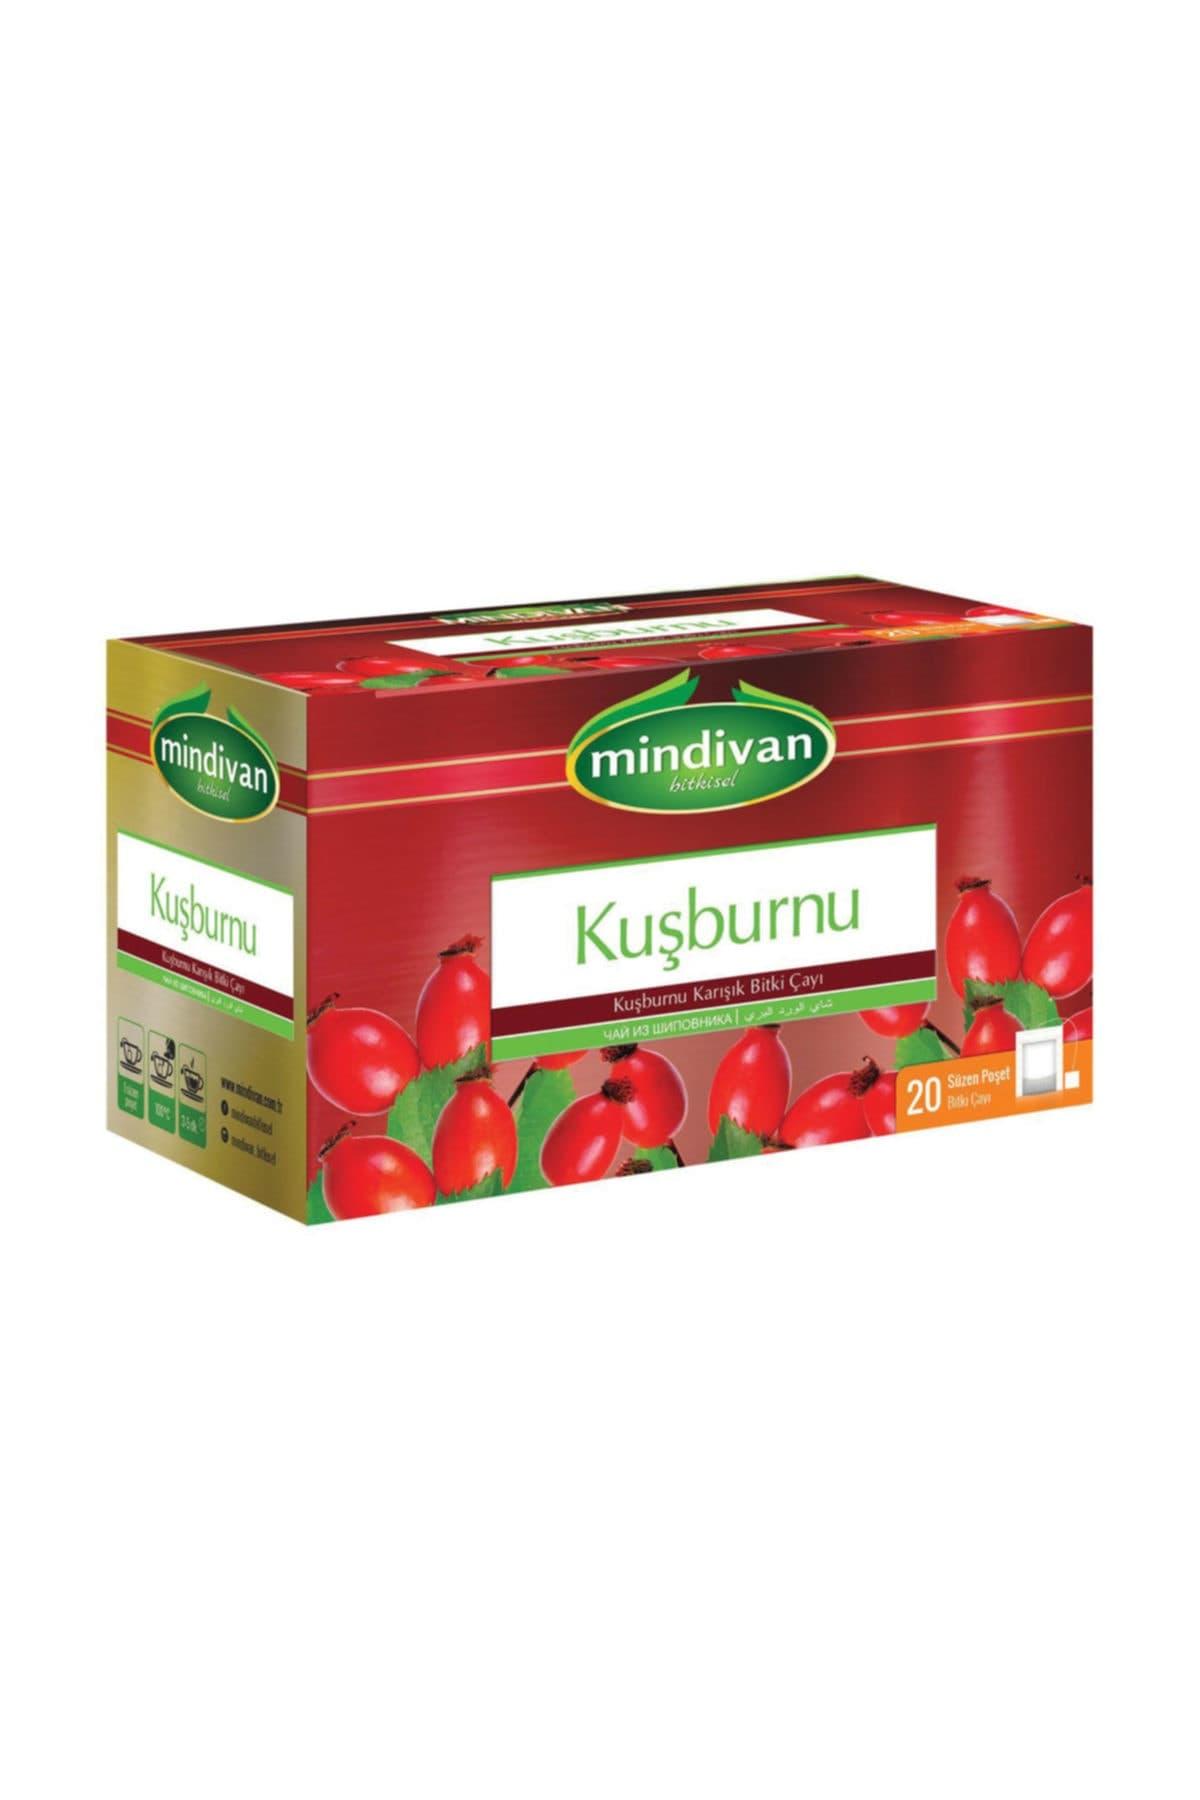 Mindivan Kuşburnu Çayı 20'li ürünü